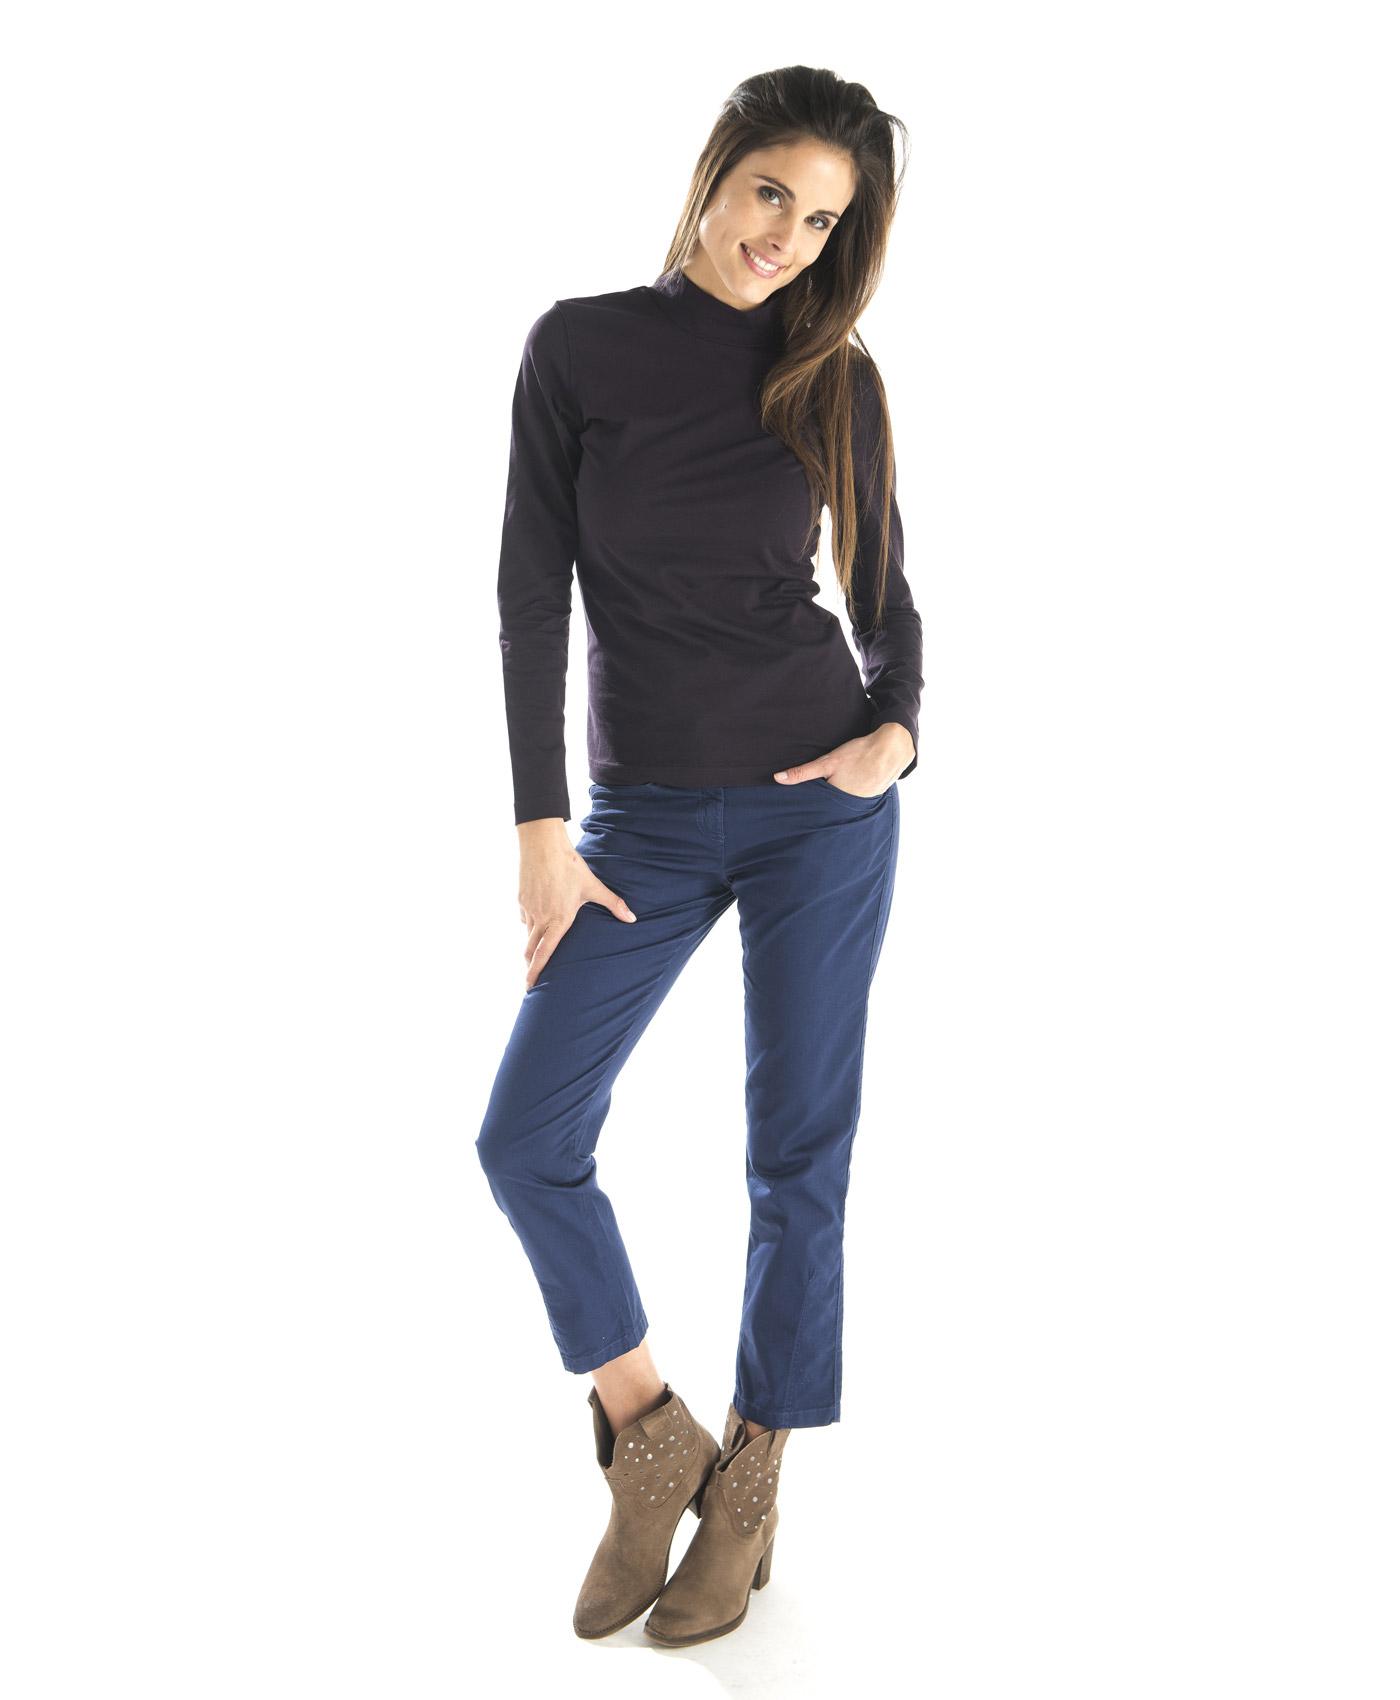 Découvrez les dernières tendances de vêtements, sacs à main et chaussures femme sur le site d'ASOS. Retrouvez notre collection de produits de beauté et soins femme et inspirez-vous grâce à nos conseils modes femme. Livraison et retour gratuits.